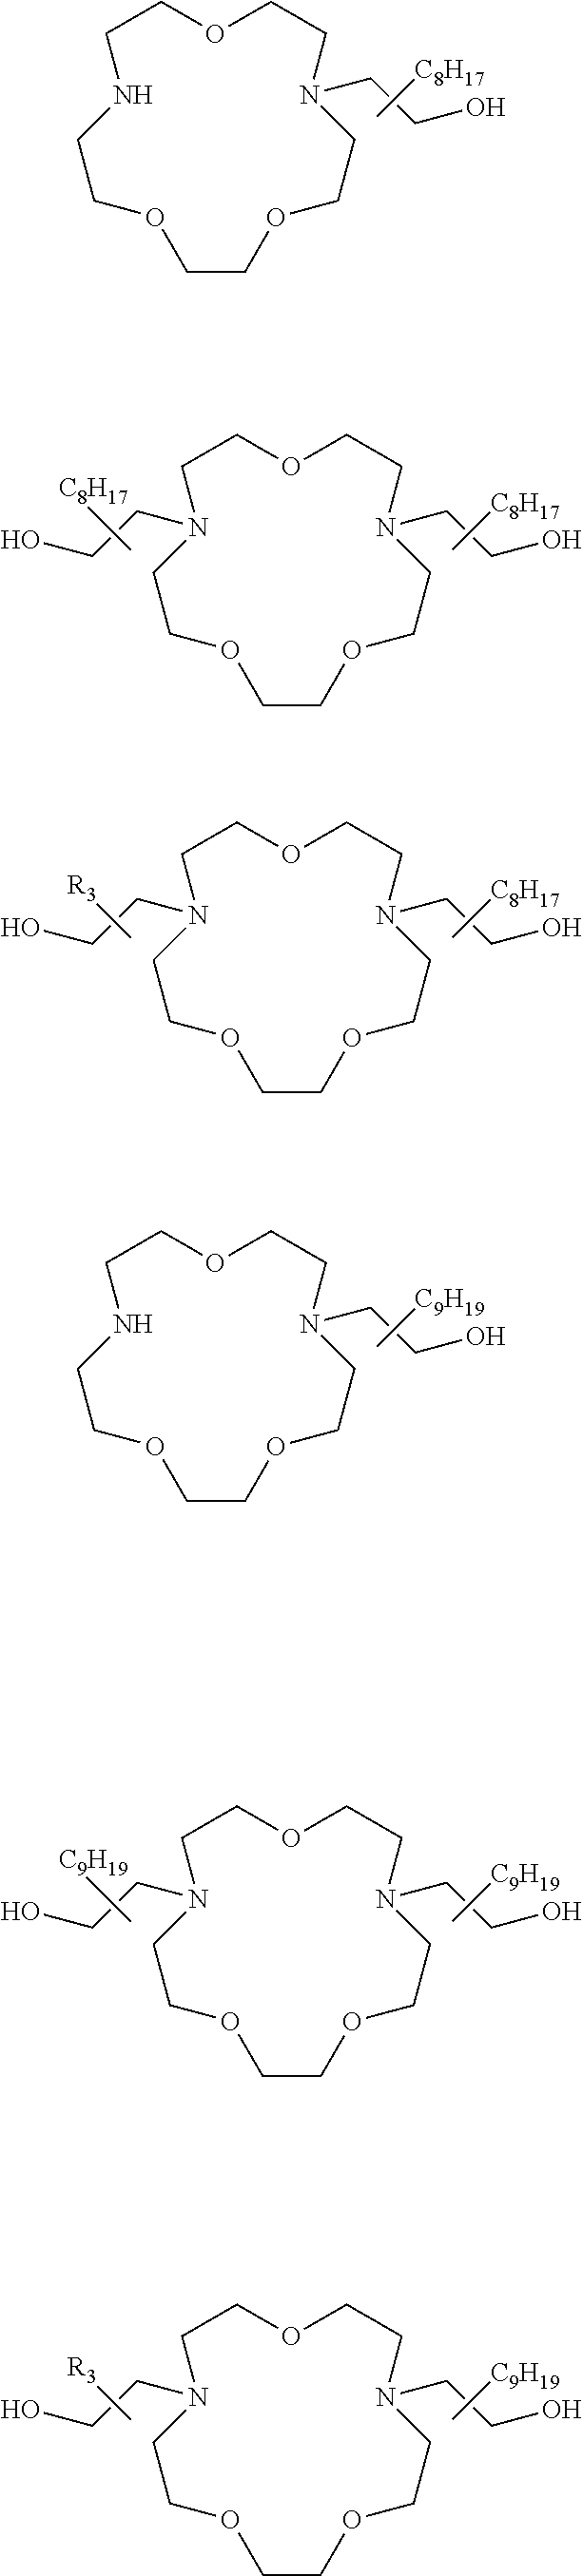 Figure US09238716-20160119-C00293